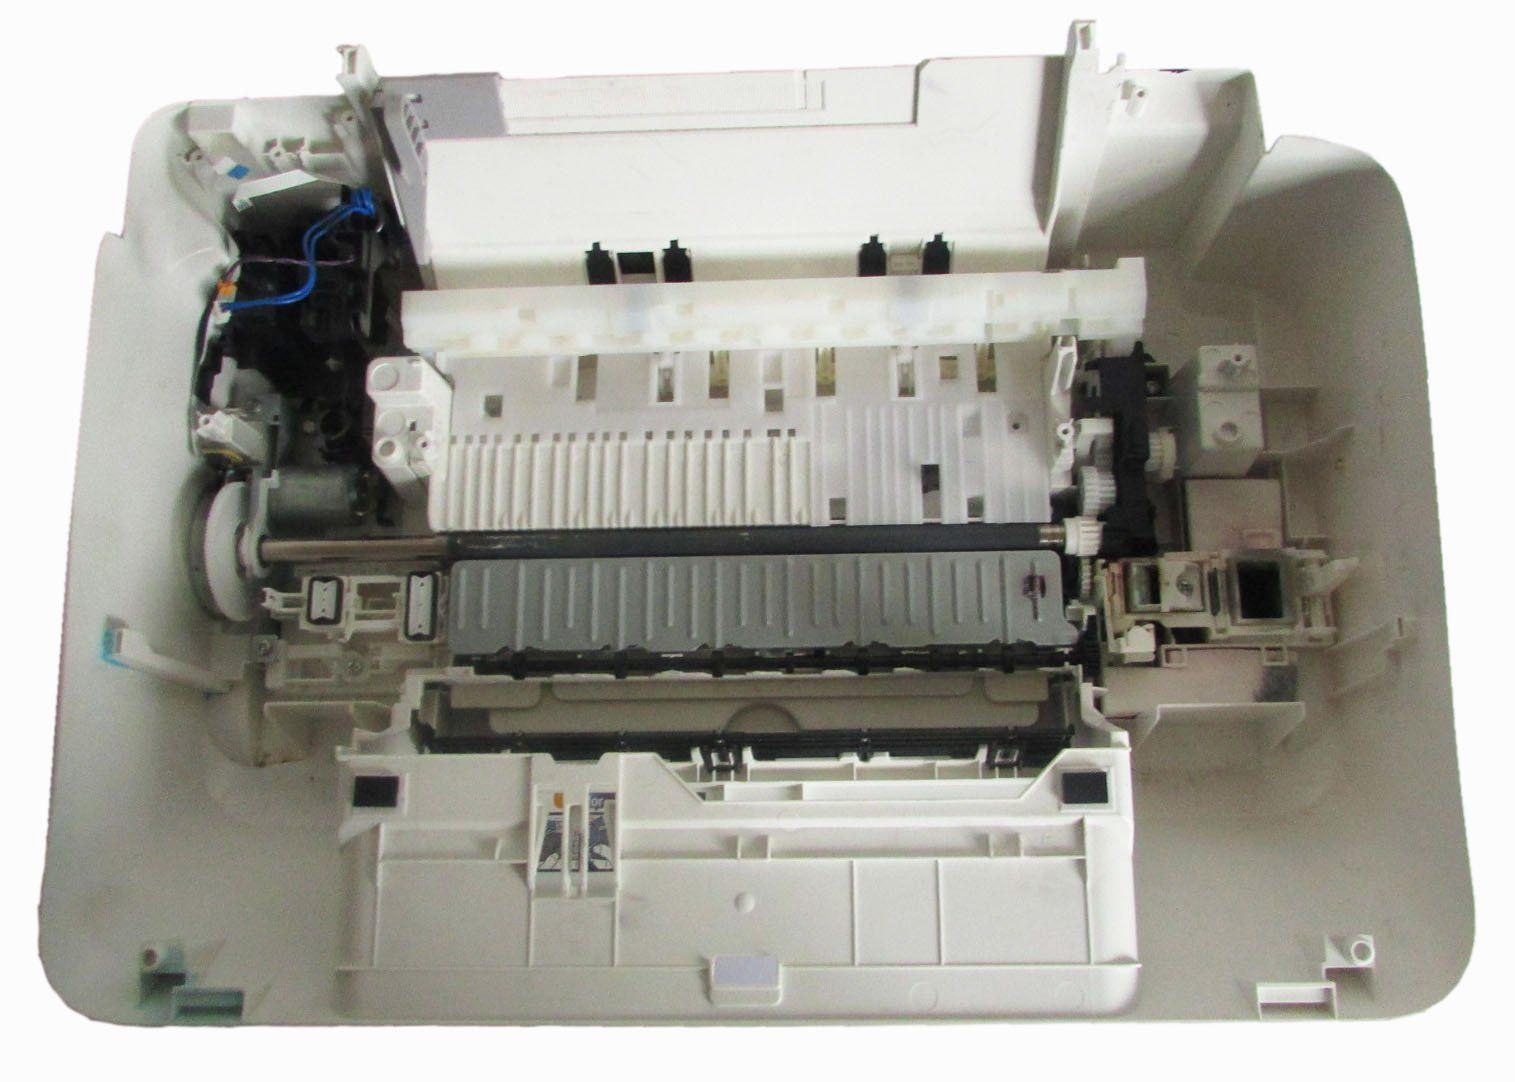 Mecanismo Completo c/ Carcaça Impressora Canon PIXMA MG2410 (semi novo)